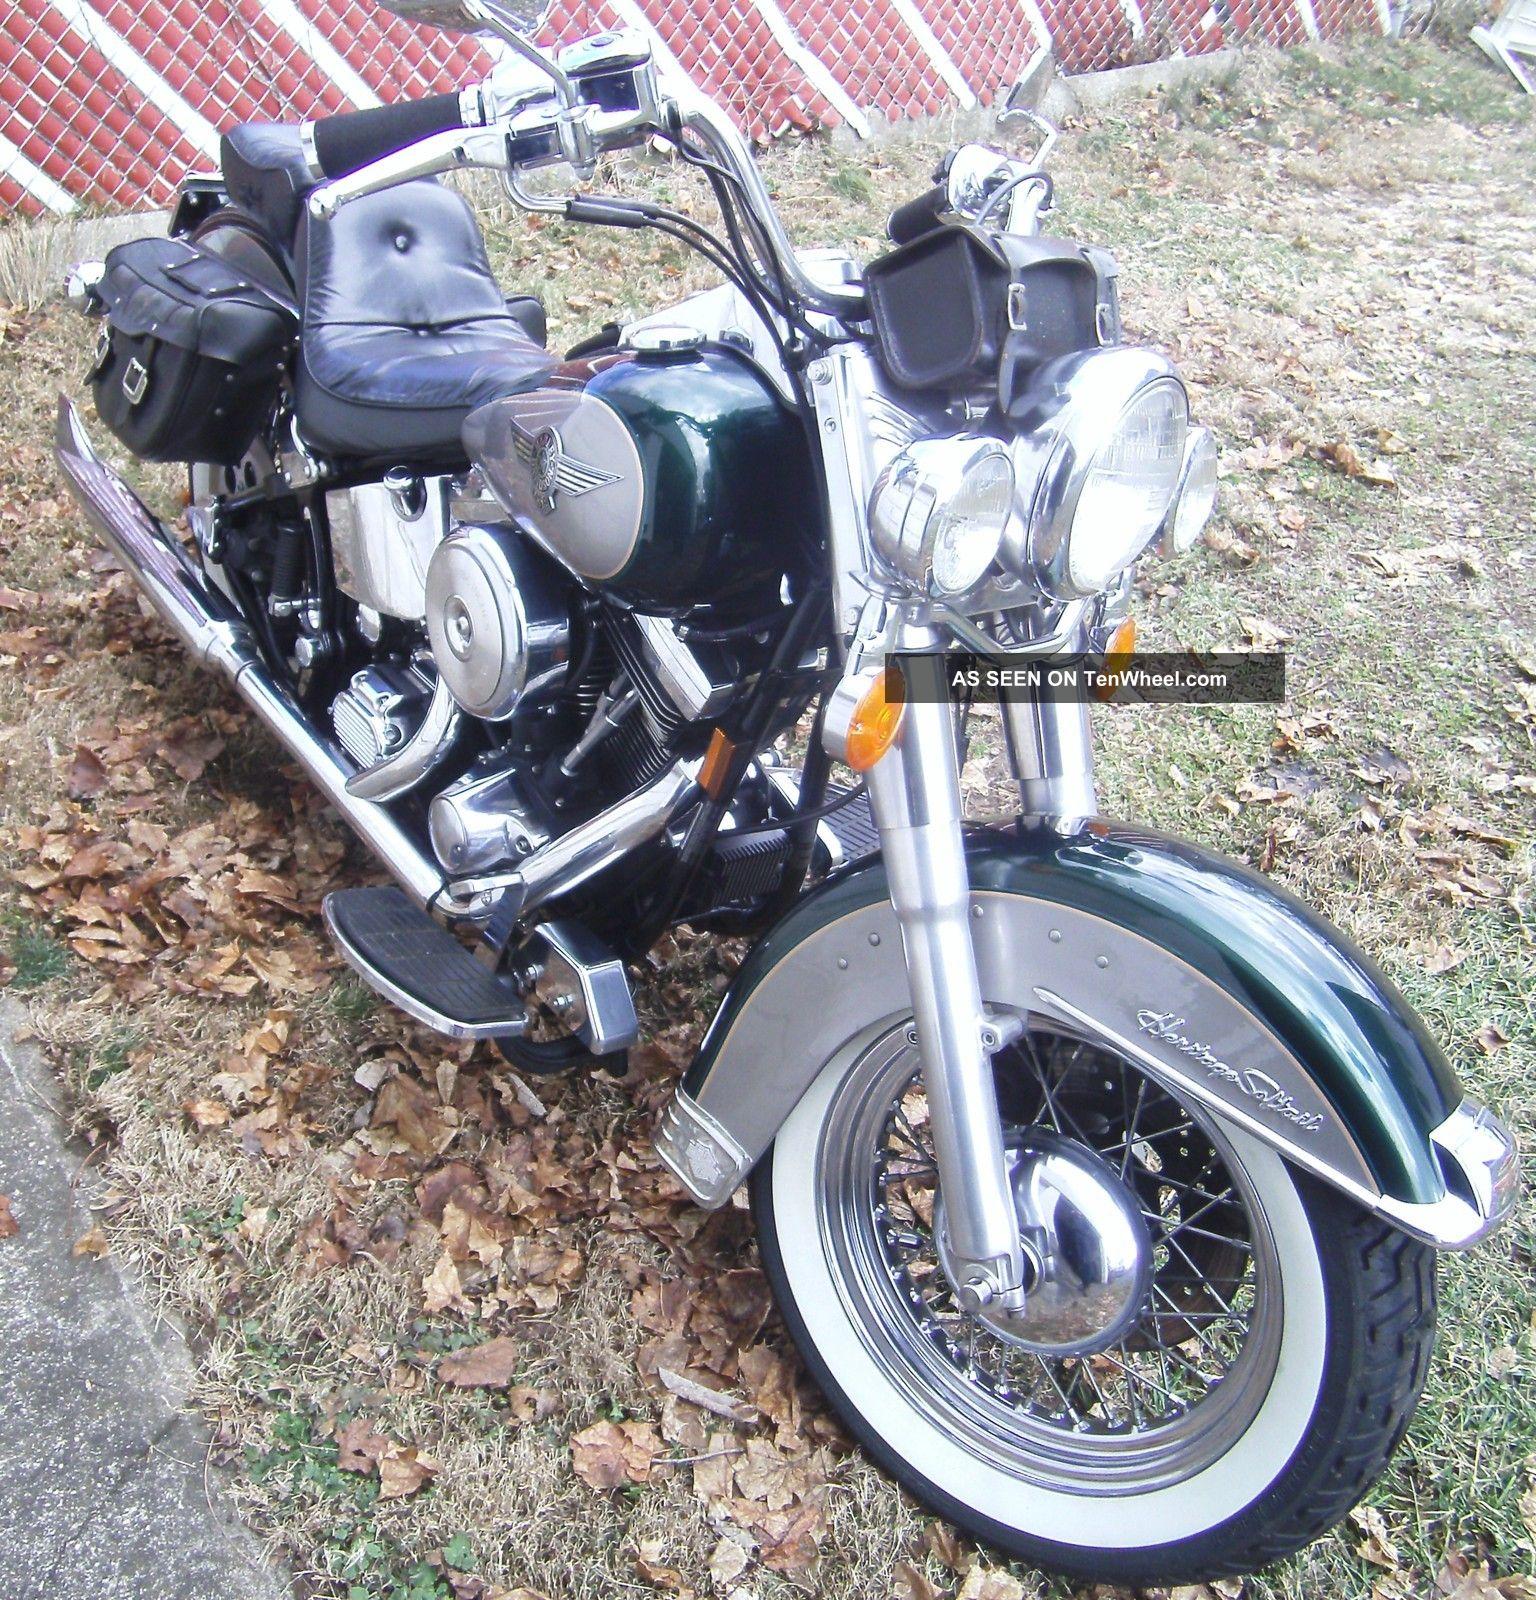 1996 Harley Davidson Softail Nostalgia Flstn